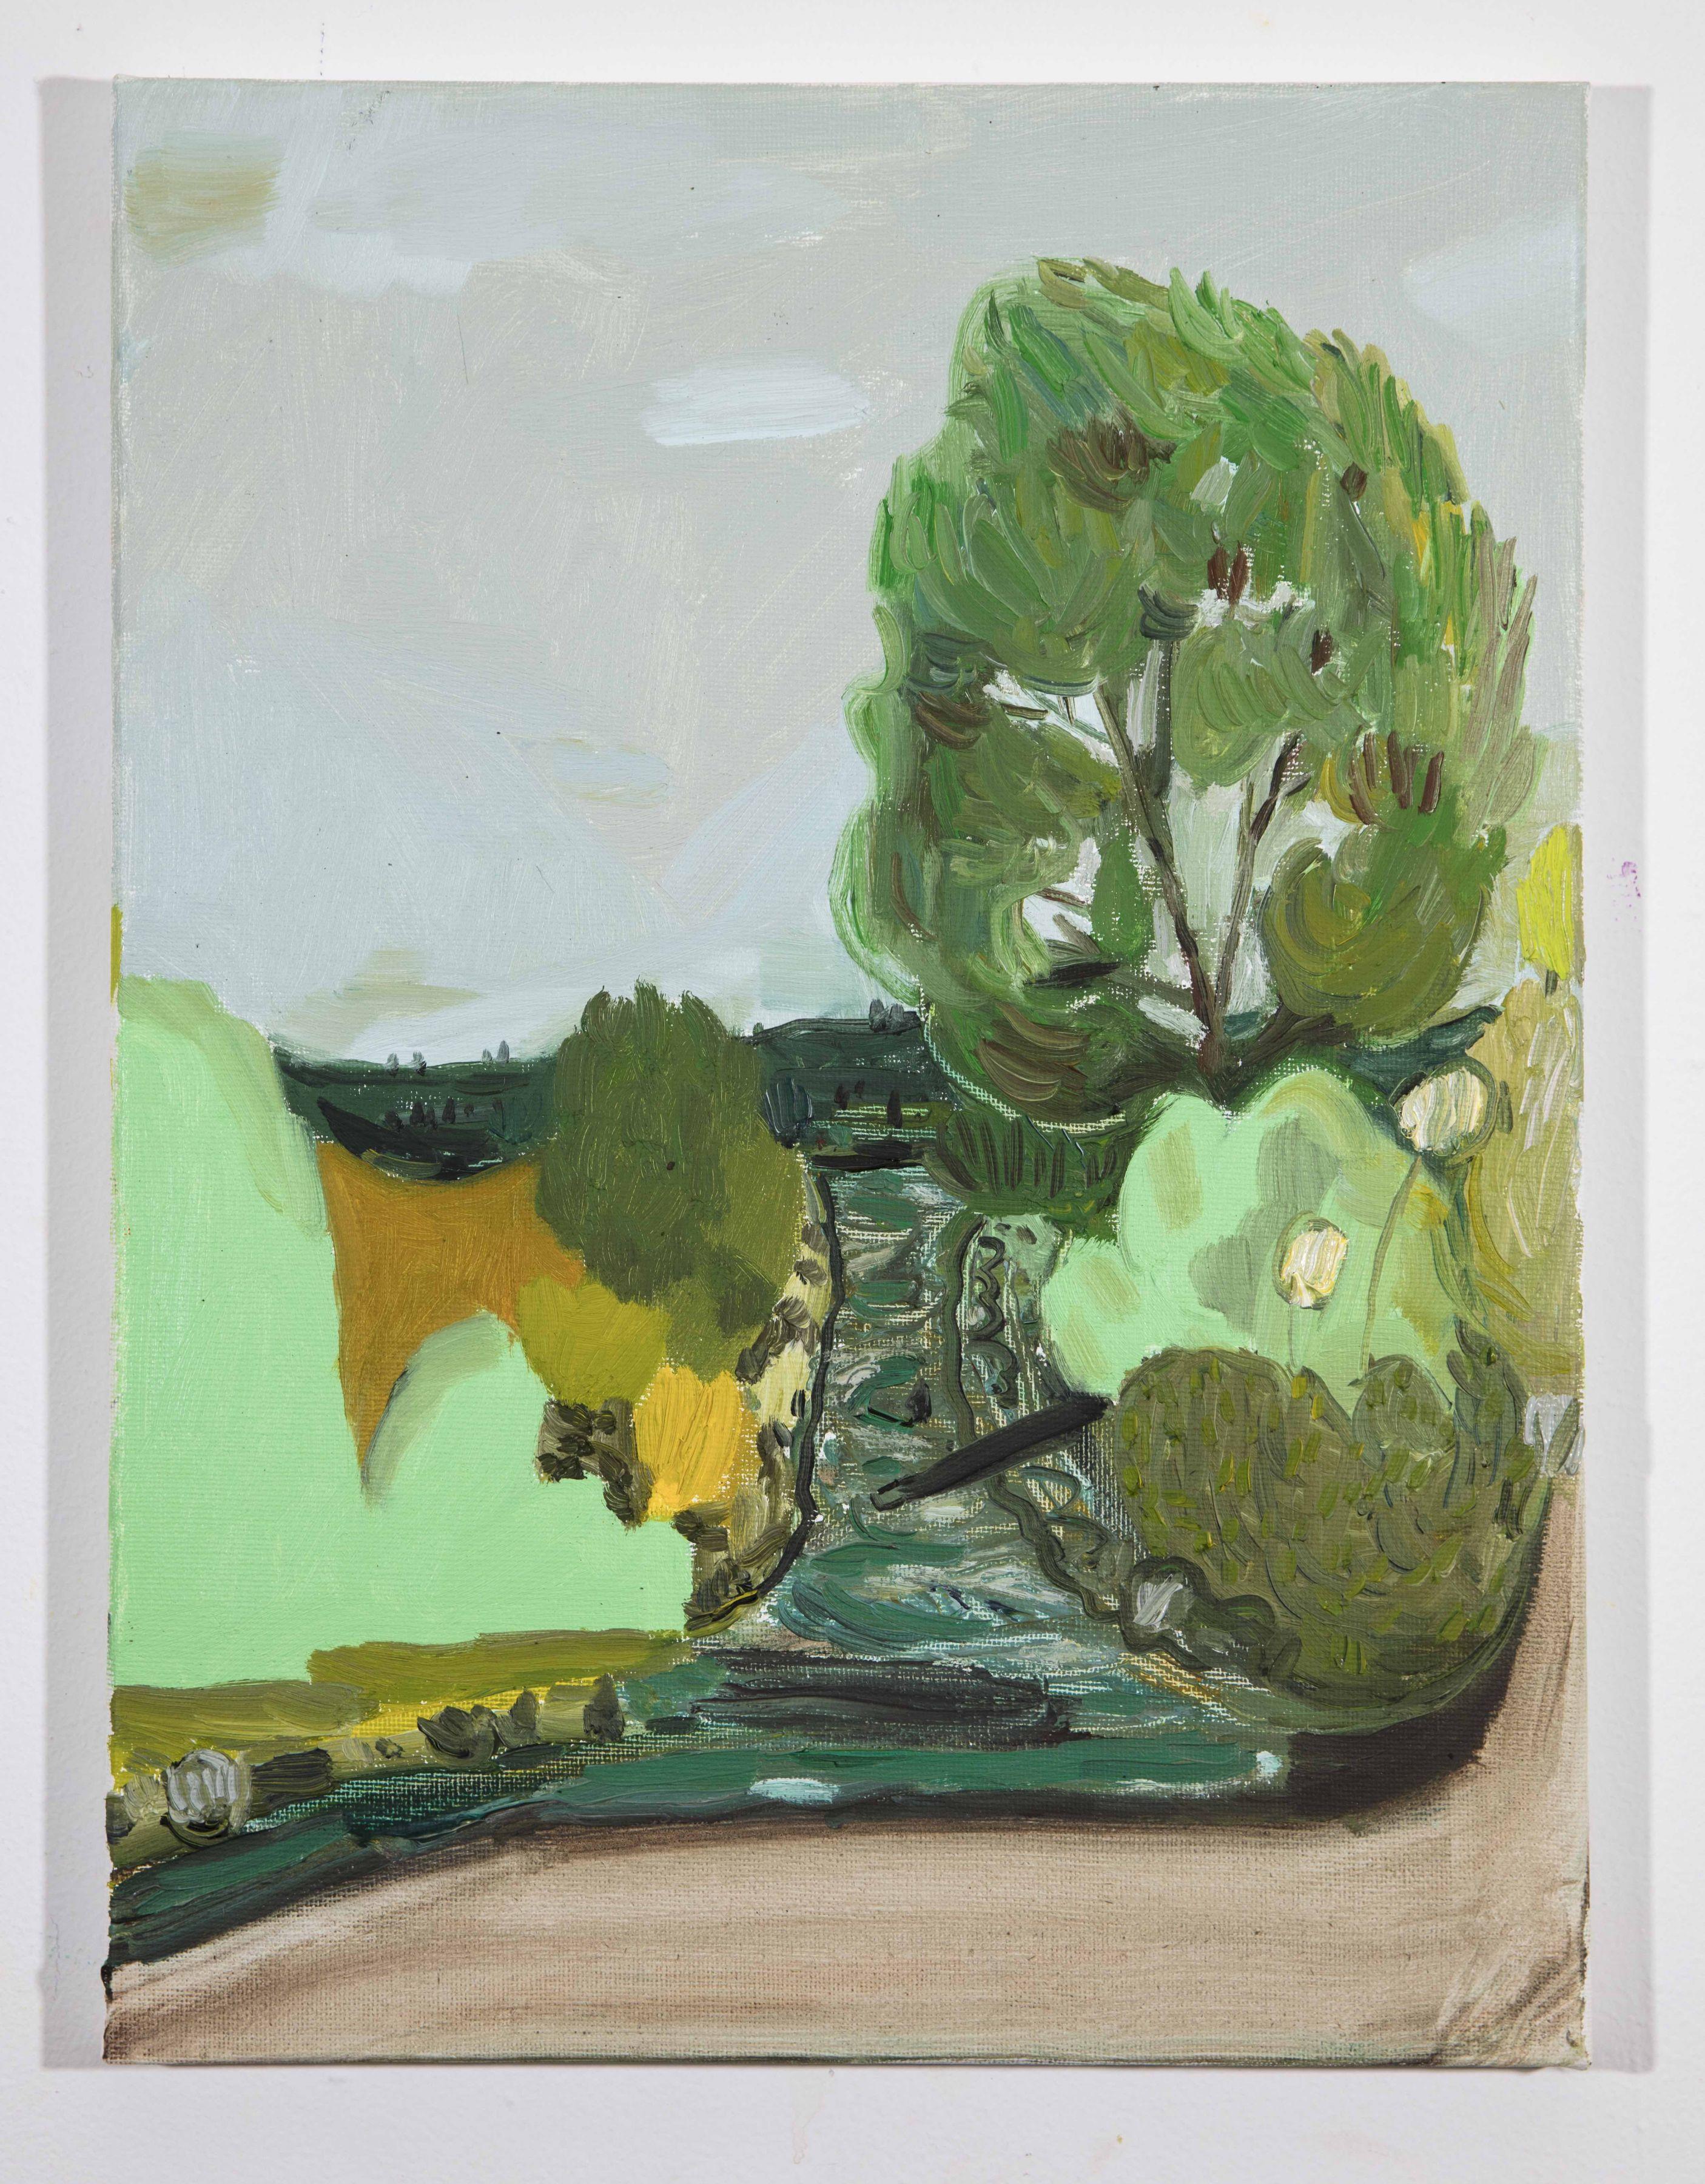 LISA SANDITZ, Landscape Color Study 7, 2019